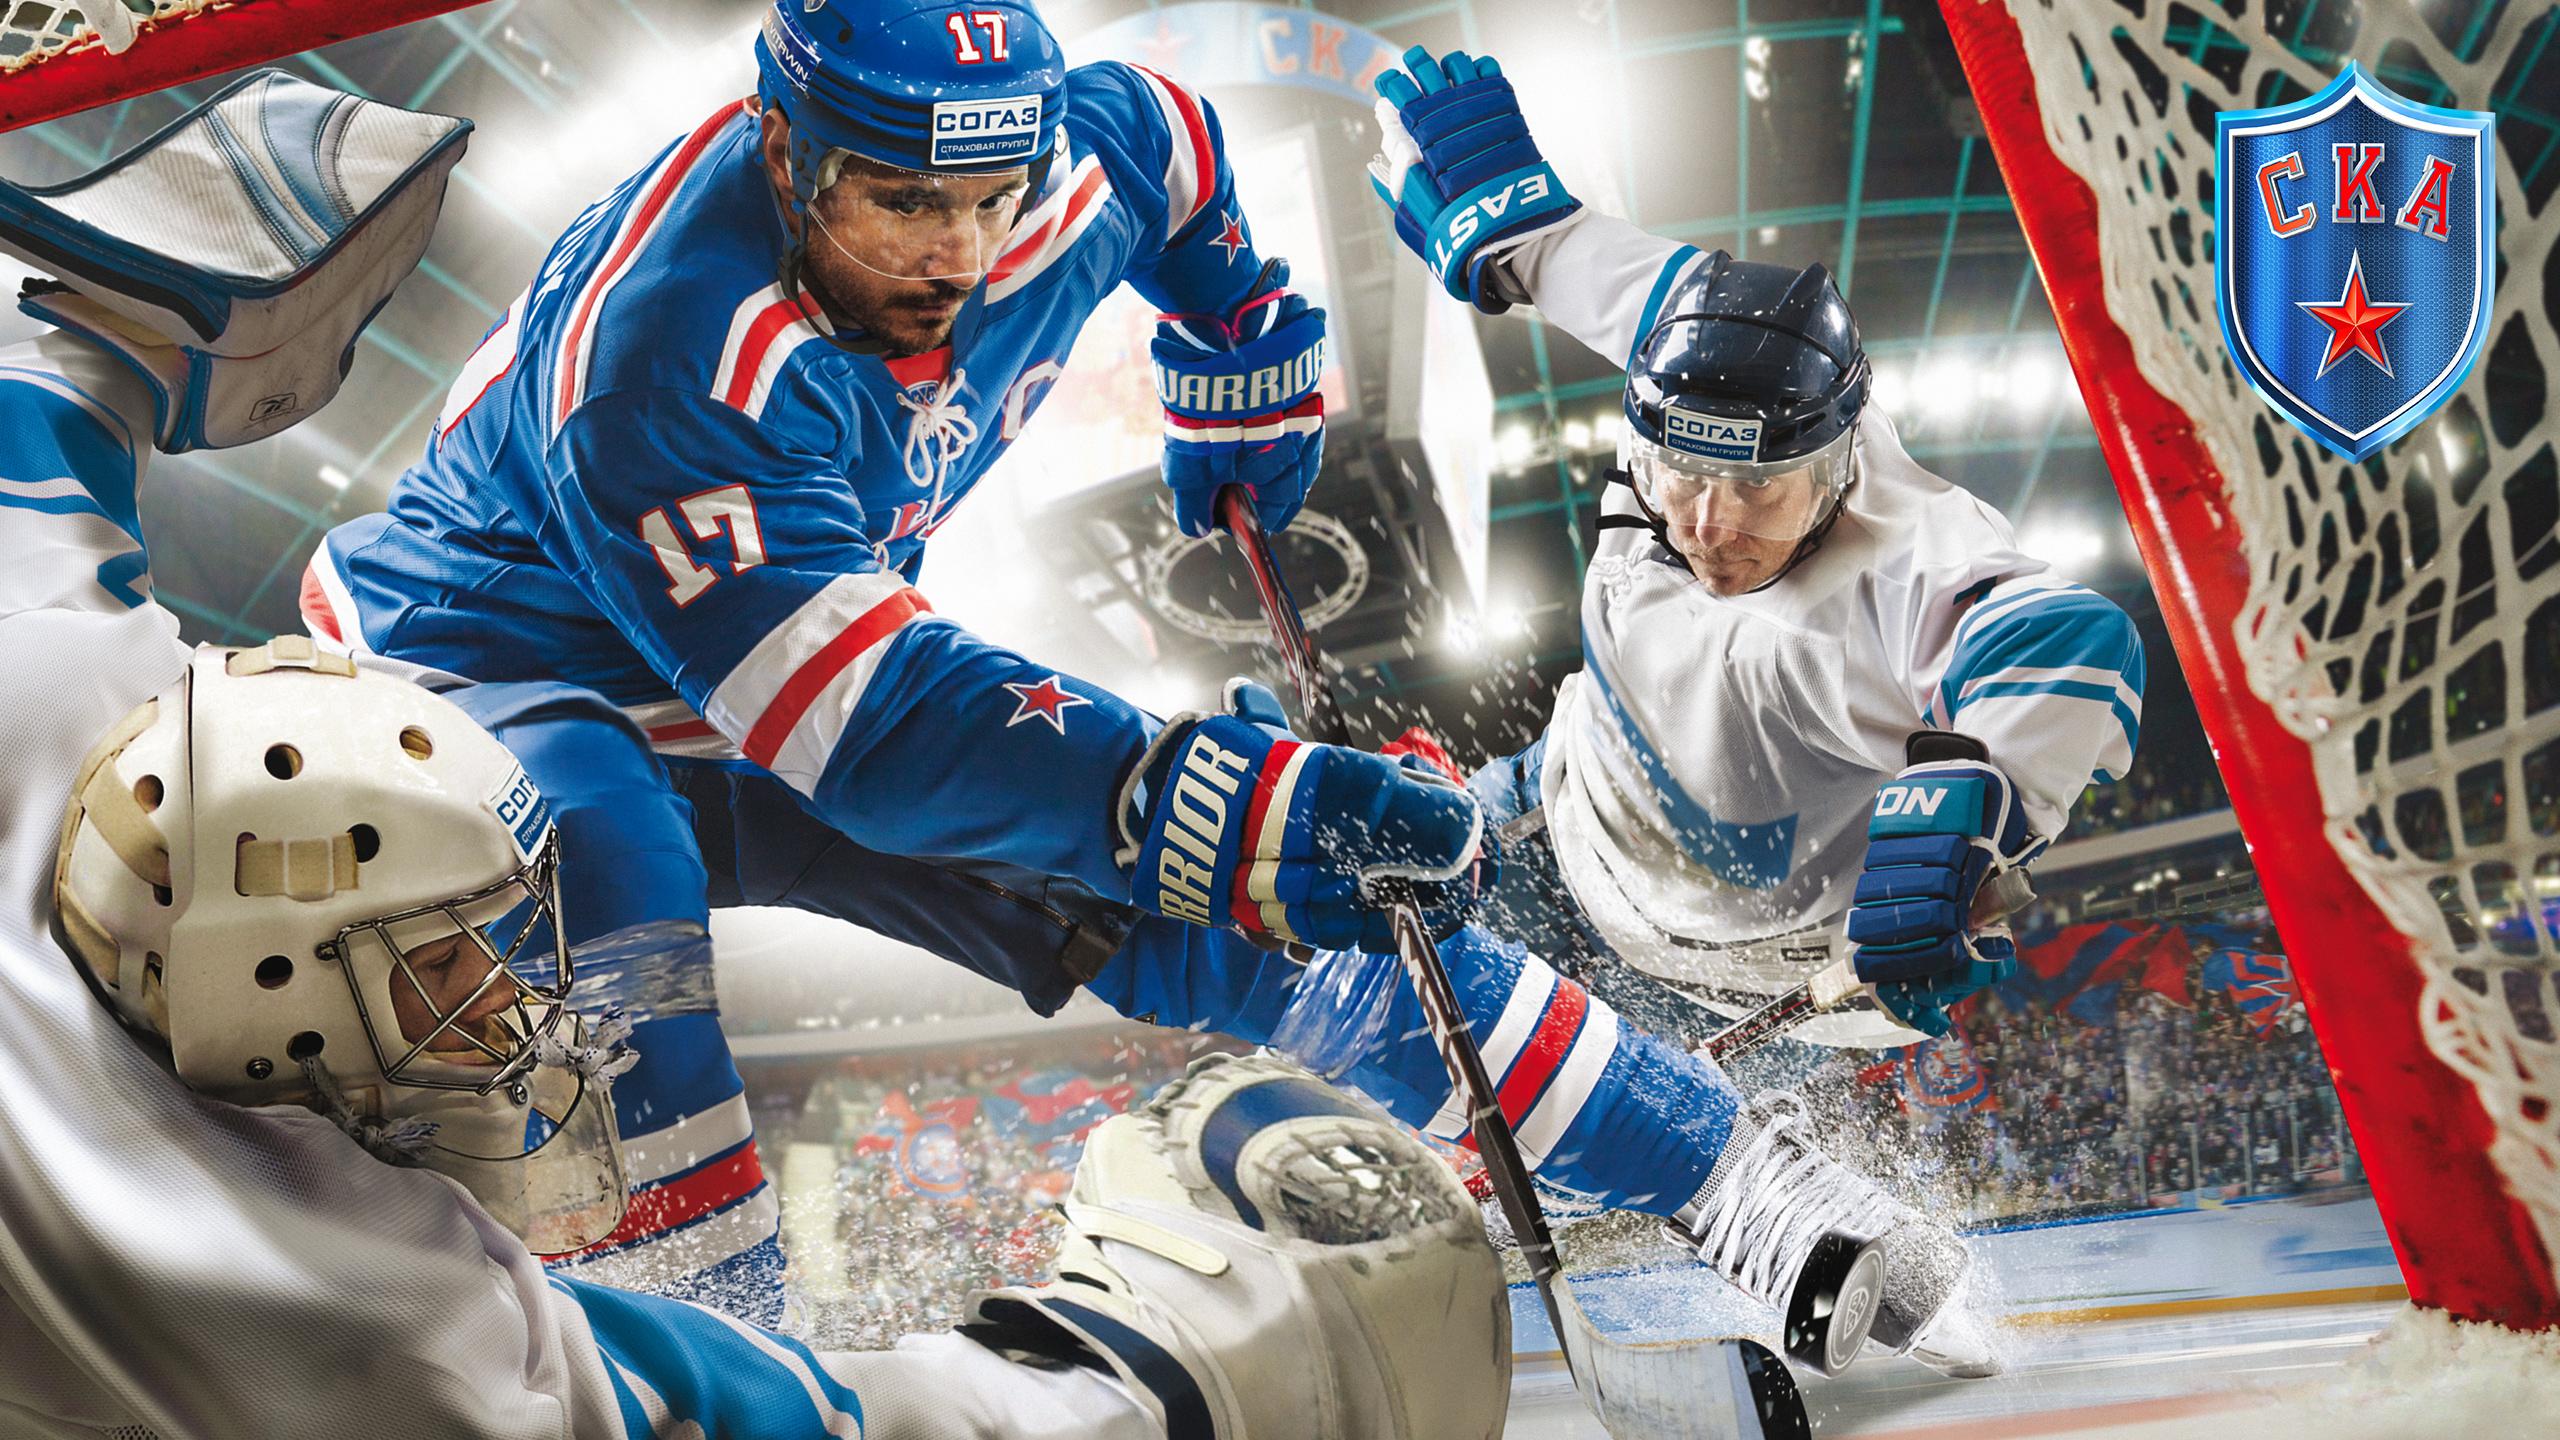 Картинки хоккей ска что